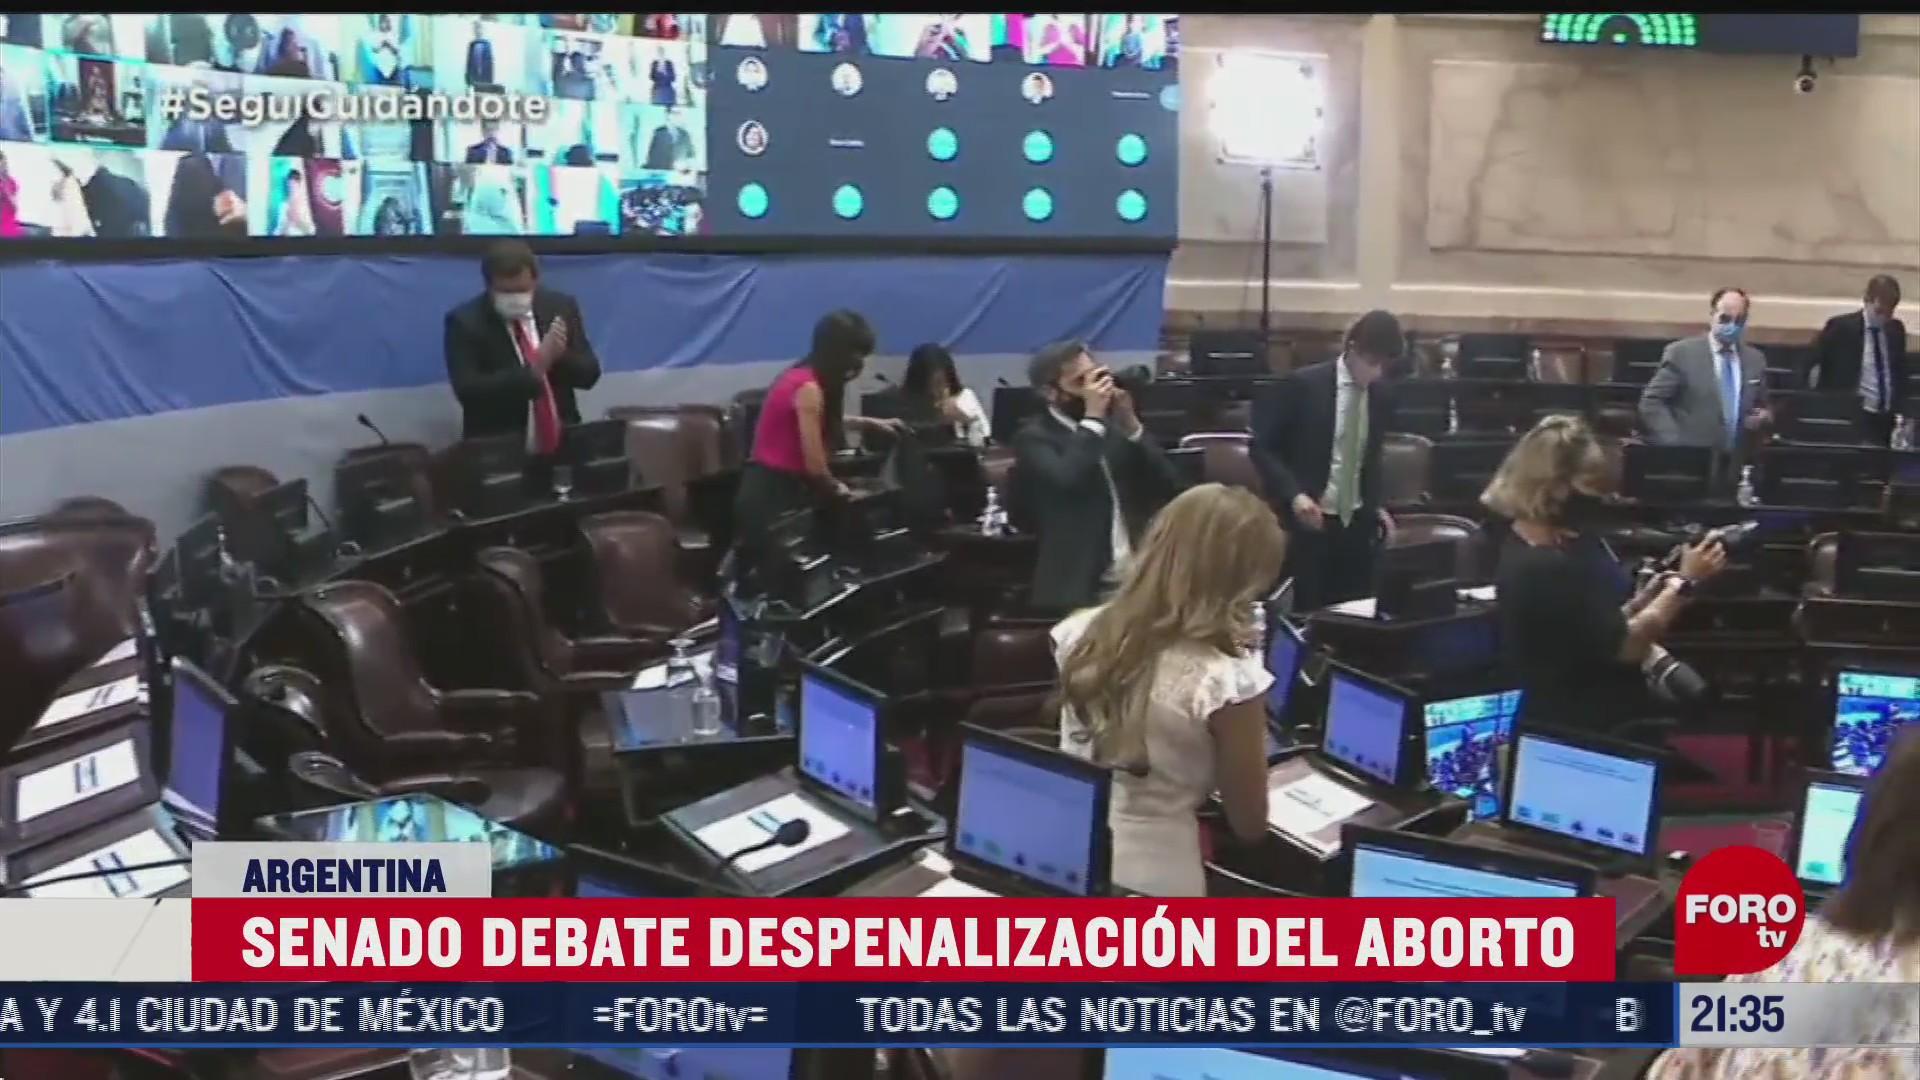 senado de argentina debate despenalizacion del aborto